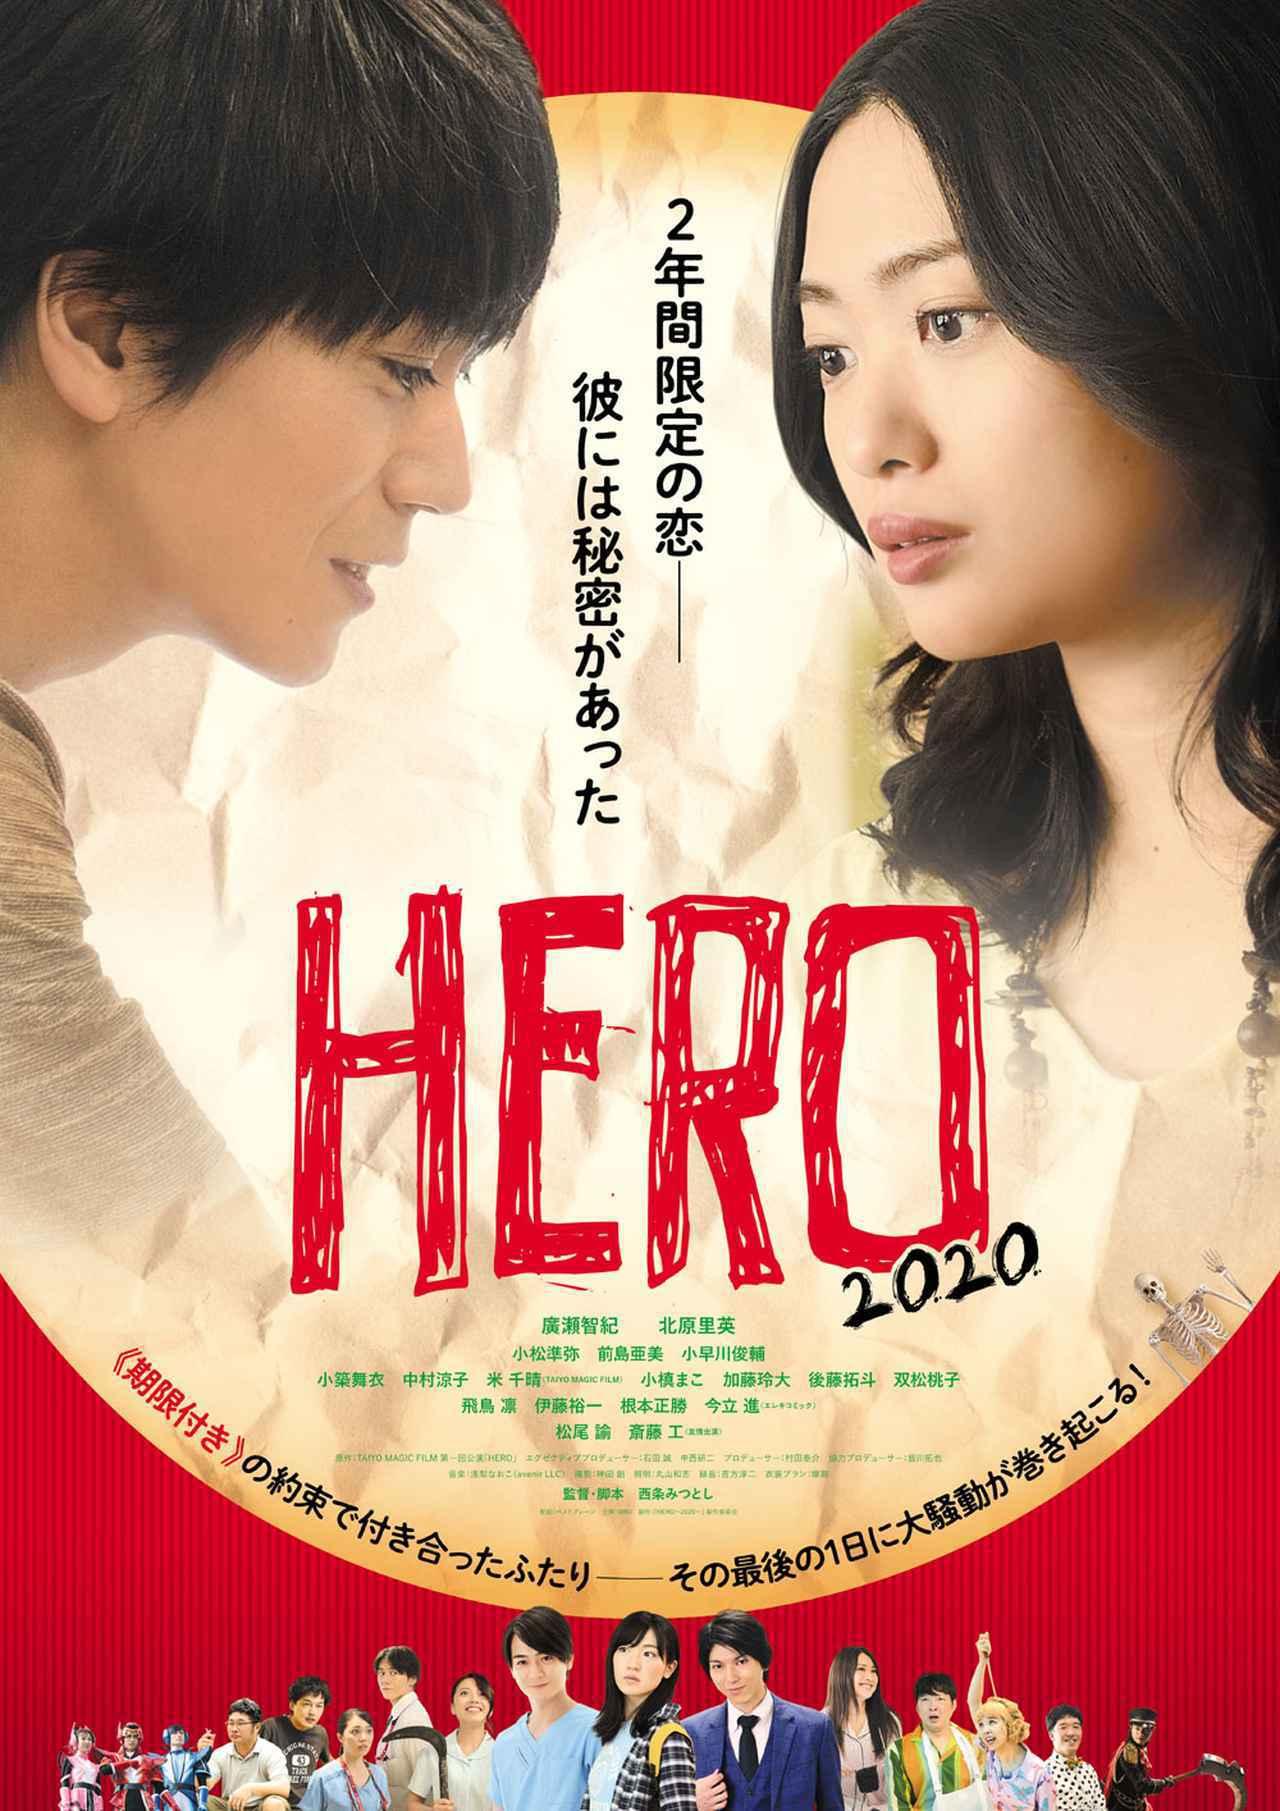 画像4: 昨年上演して人気を博した舞台「HERO」が、同じキャストで映画になって6月19日より公開へ! 「西条さん作らしく、張り巡らされた伏線が見事に回収されるさまを見てほしい」(北原)